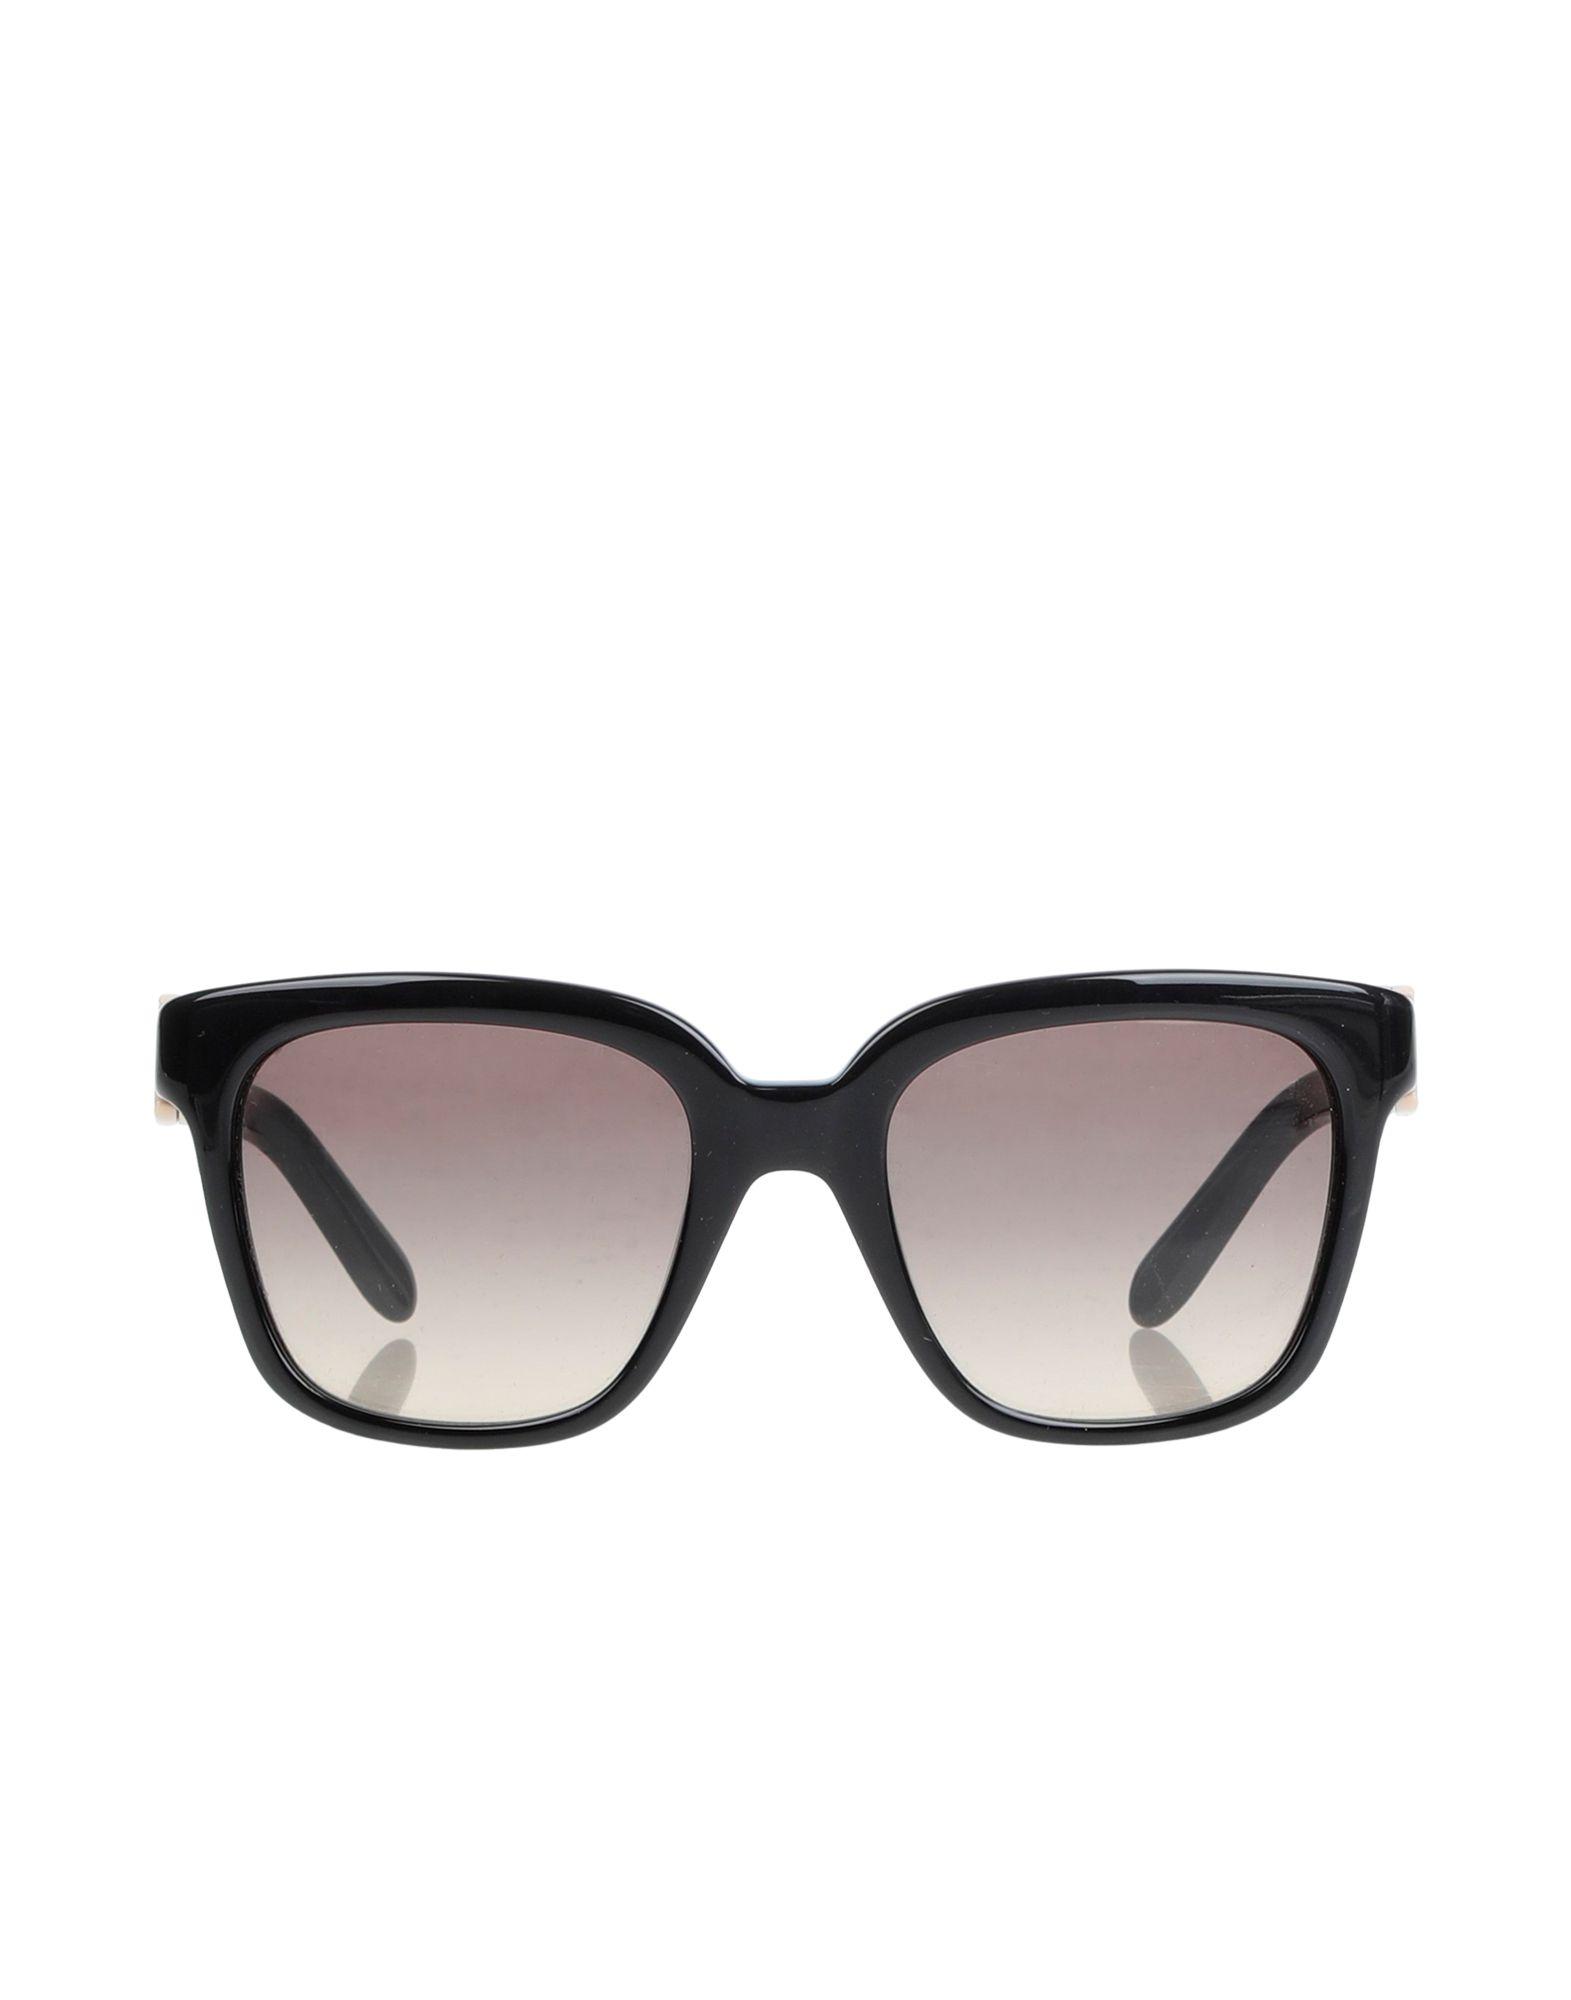 Фото - SALVATORE FERRAGAMO Солнечные очки 3d очки